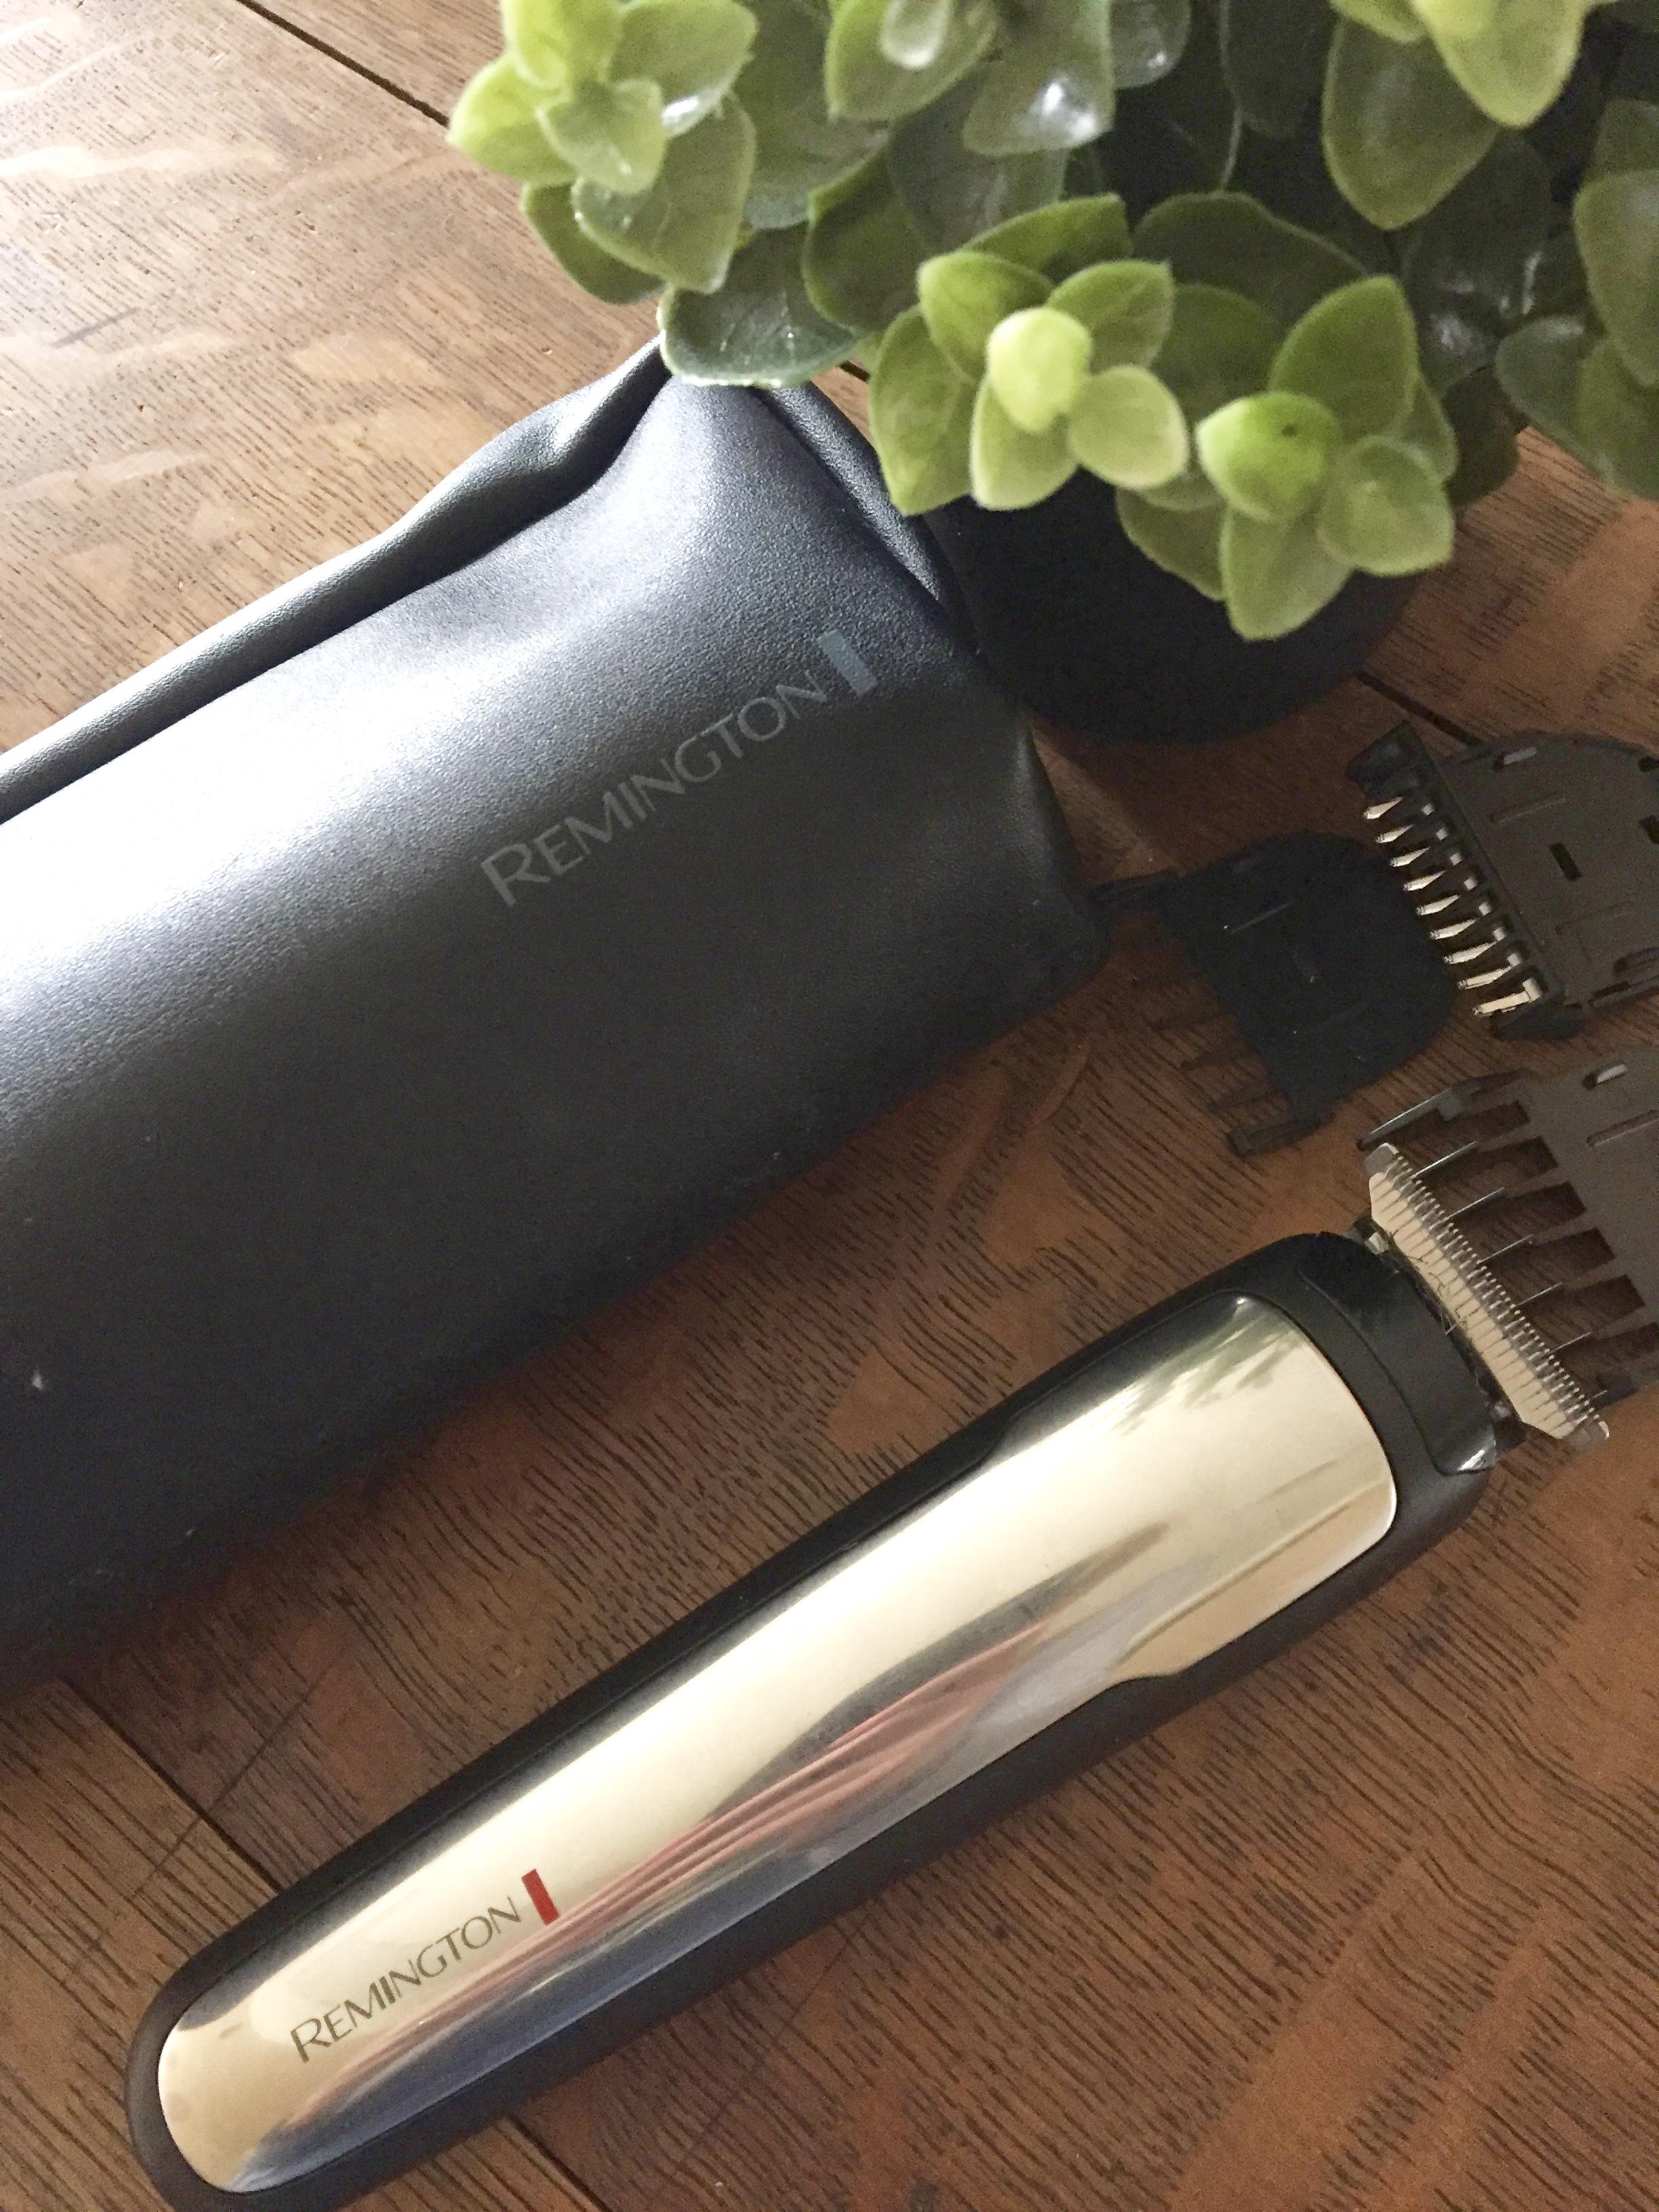 Beard Boss- Remington Beard Boss Perfecter- grooming a beard- beards- men's facial hair care- grooming tool- beauty